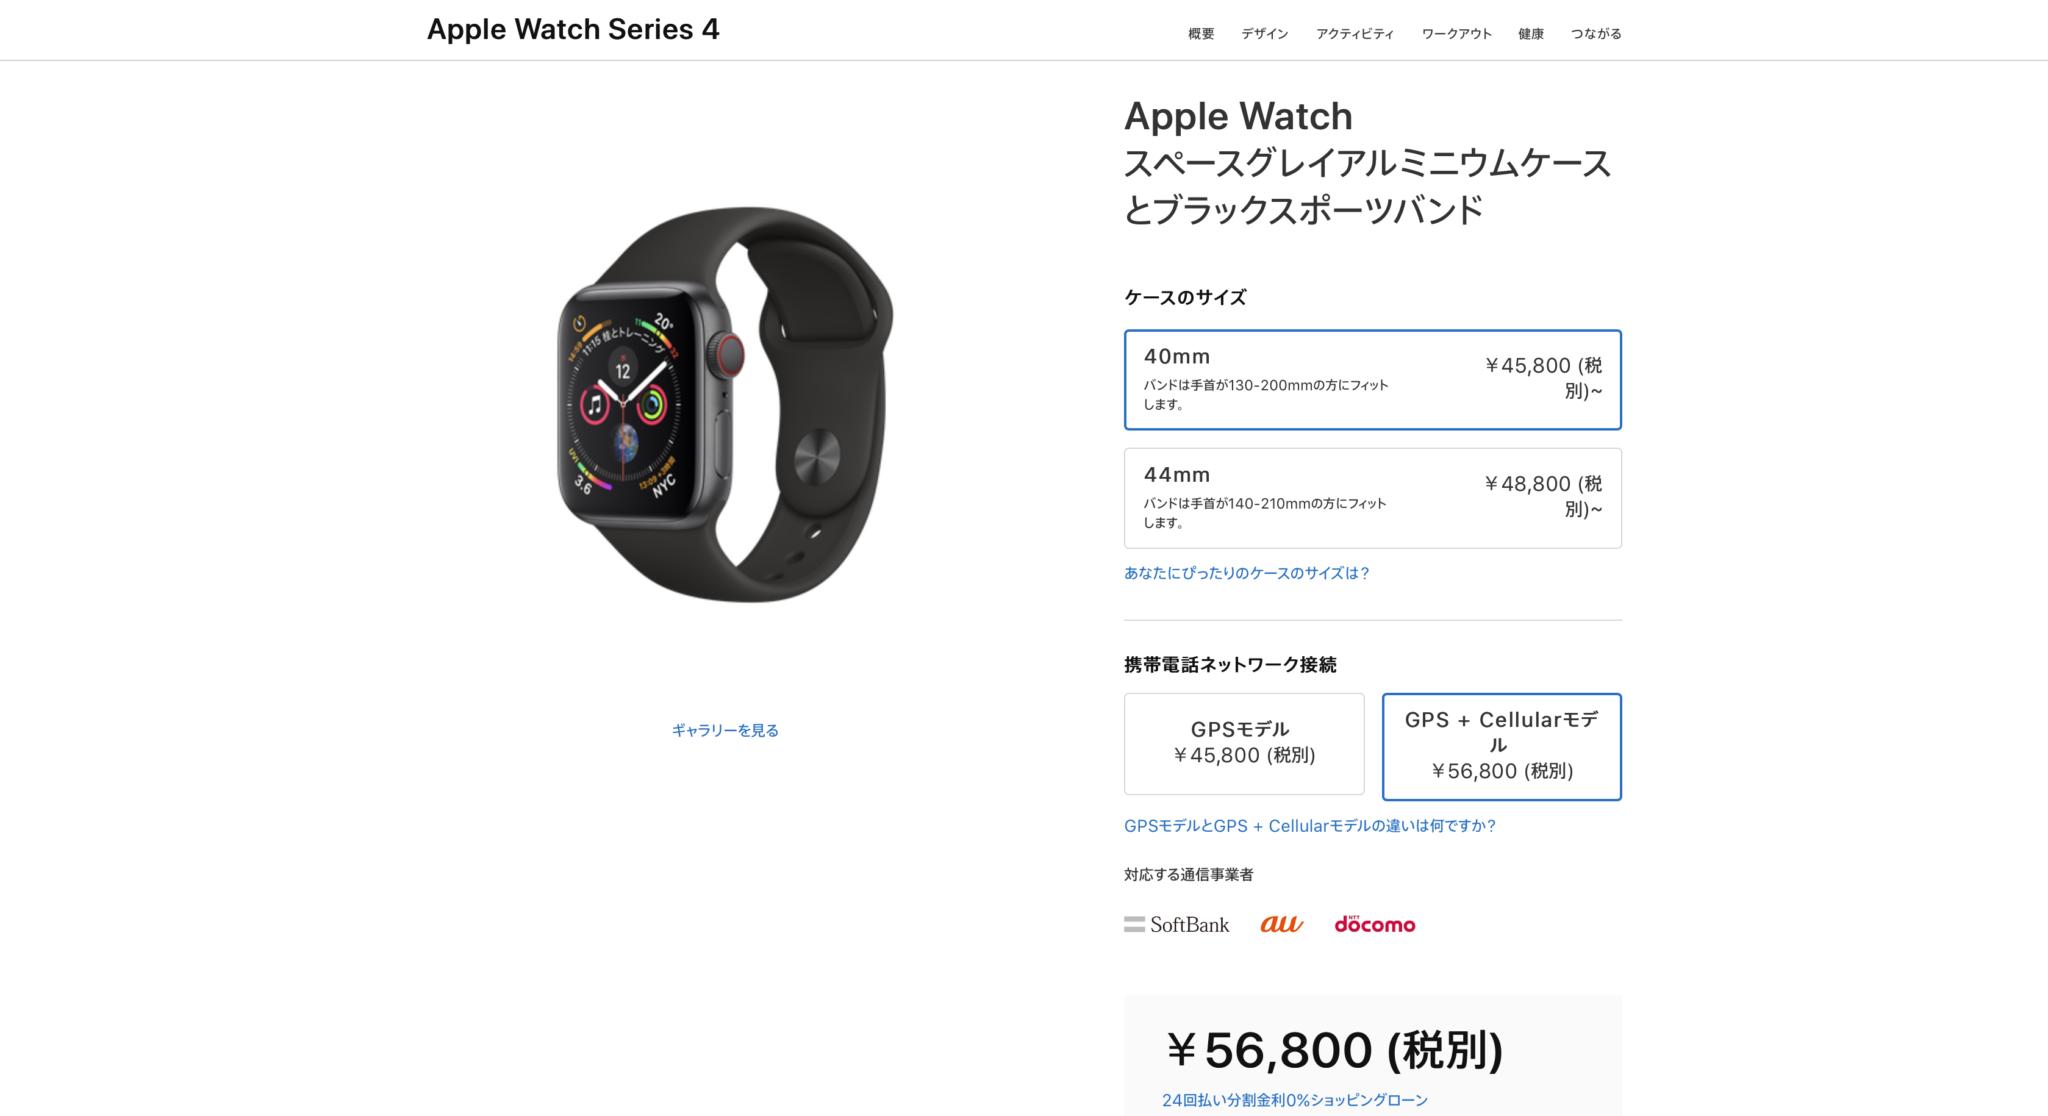 アップルストアで購入するアップル製品